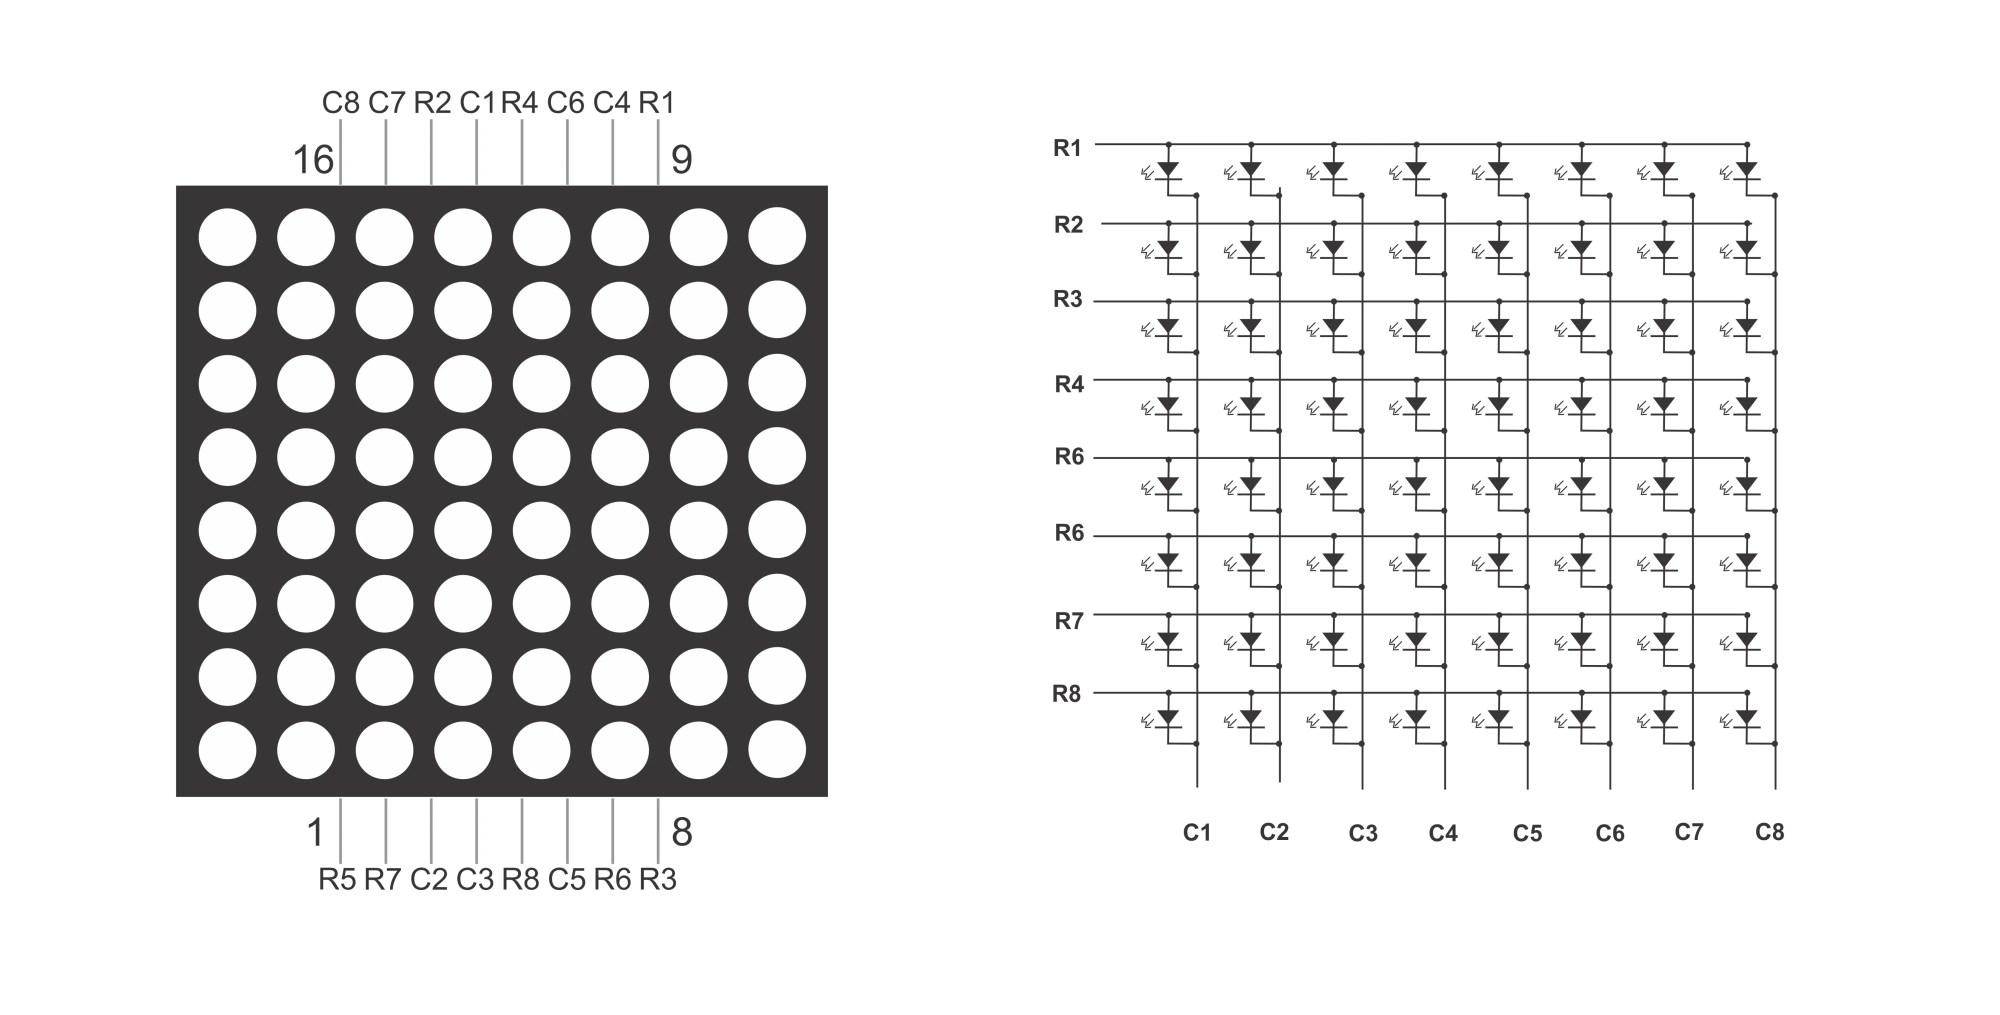 hight resolution of 8x8 matrix pinout